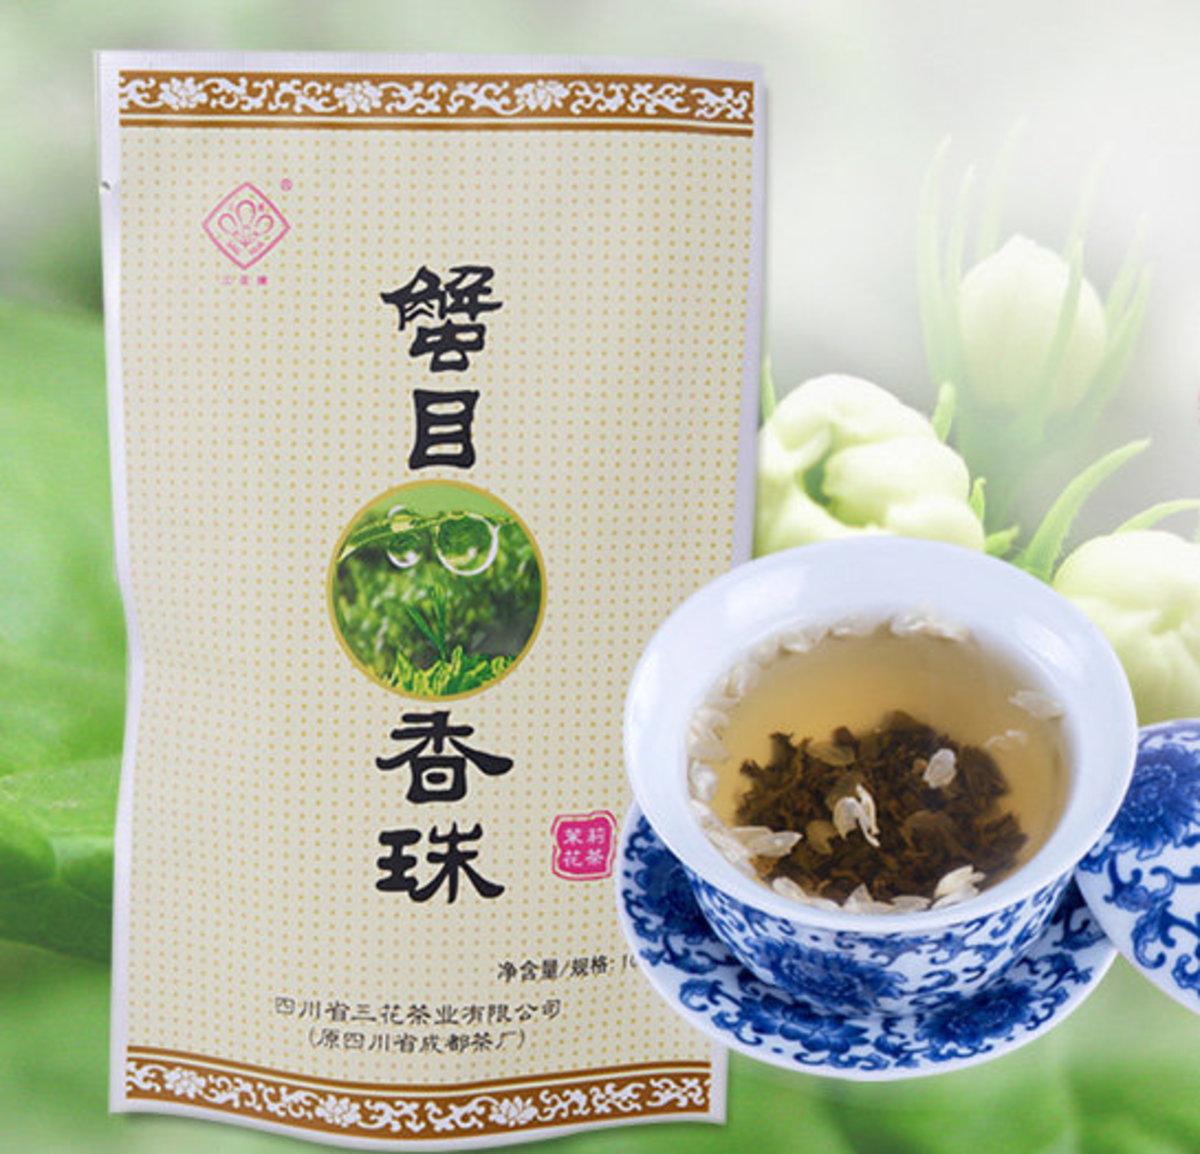 蟹目香珠茉莉花茶 - 100克 (可製作冰茶)